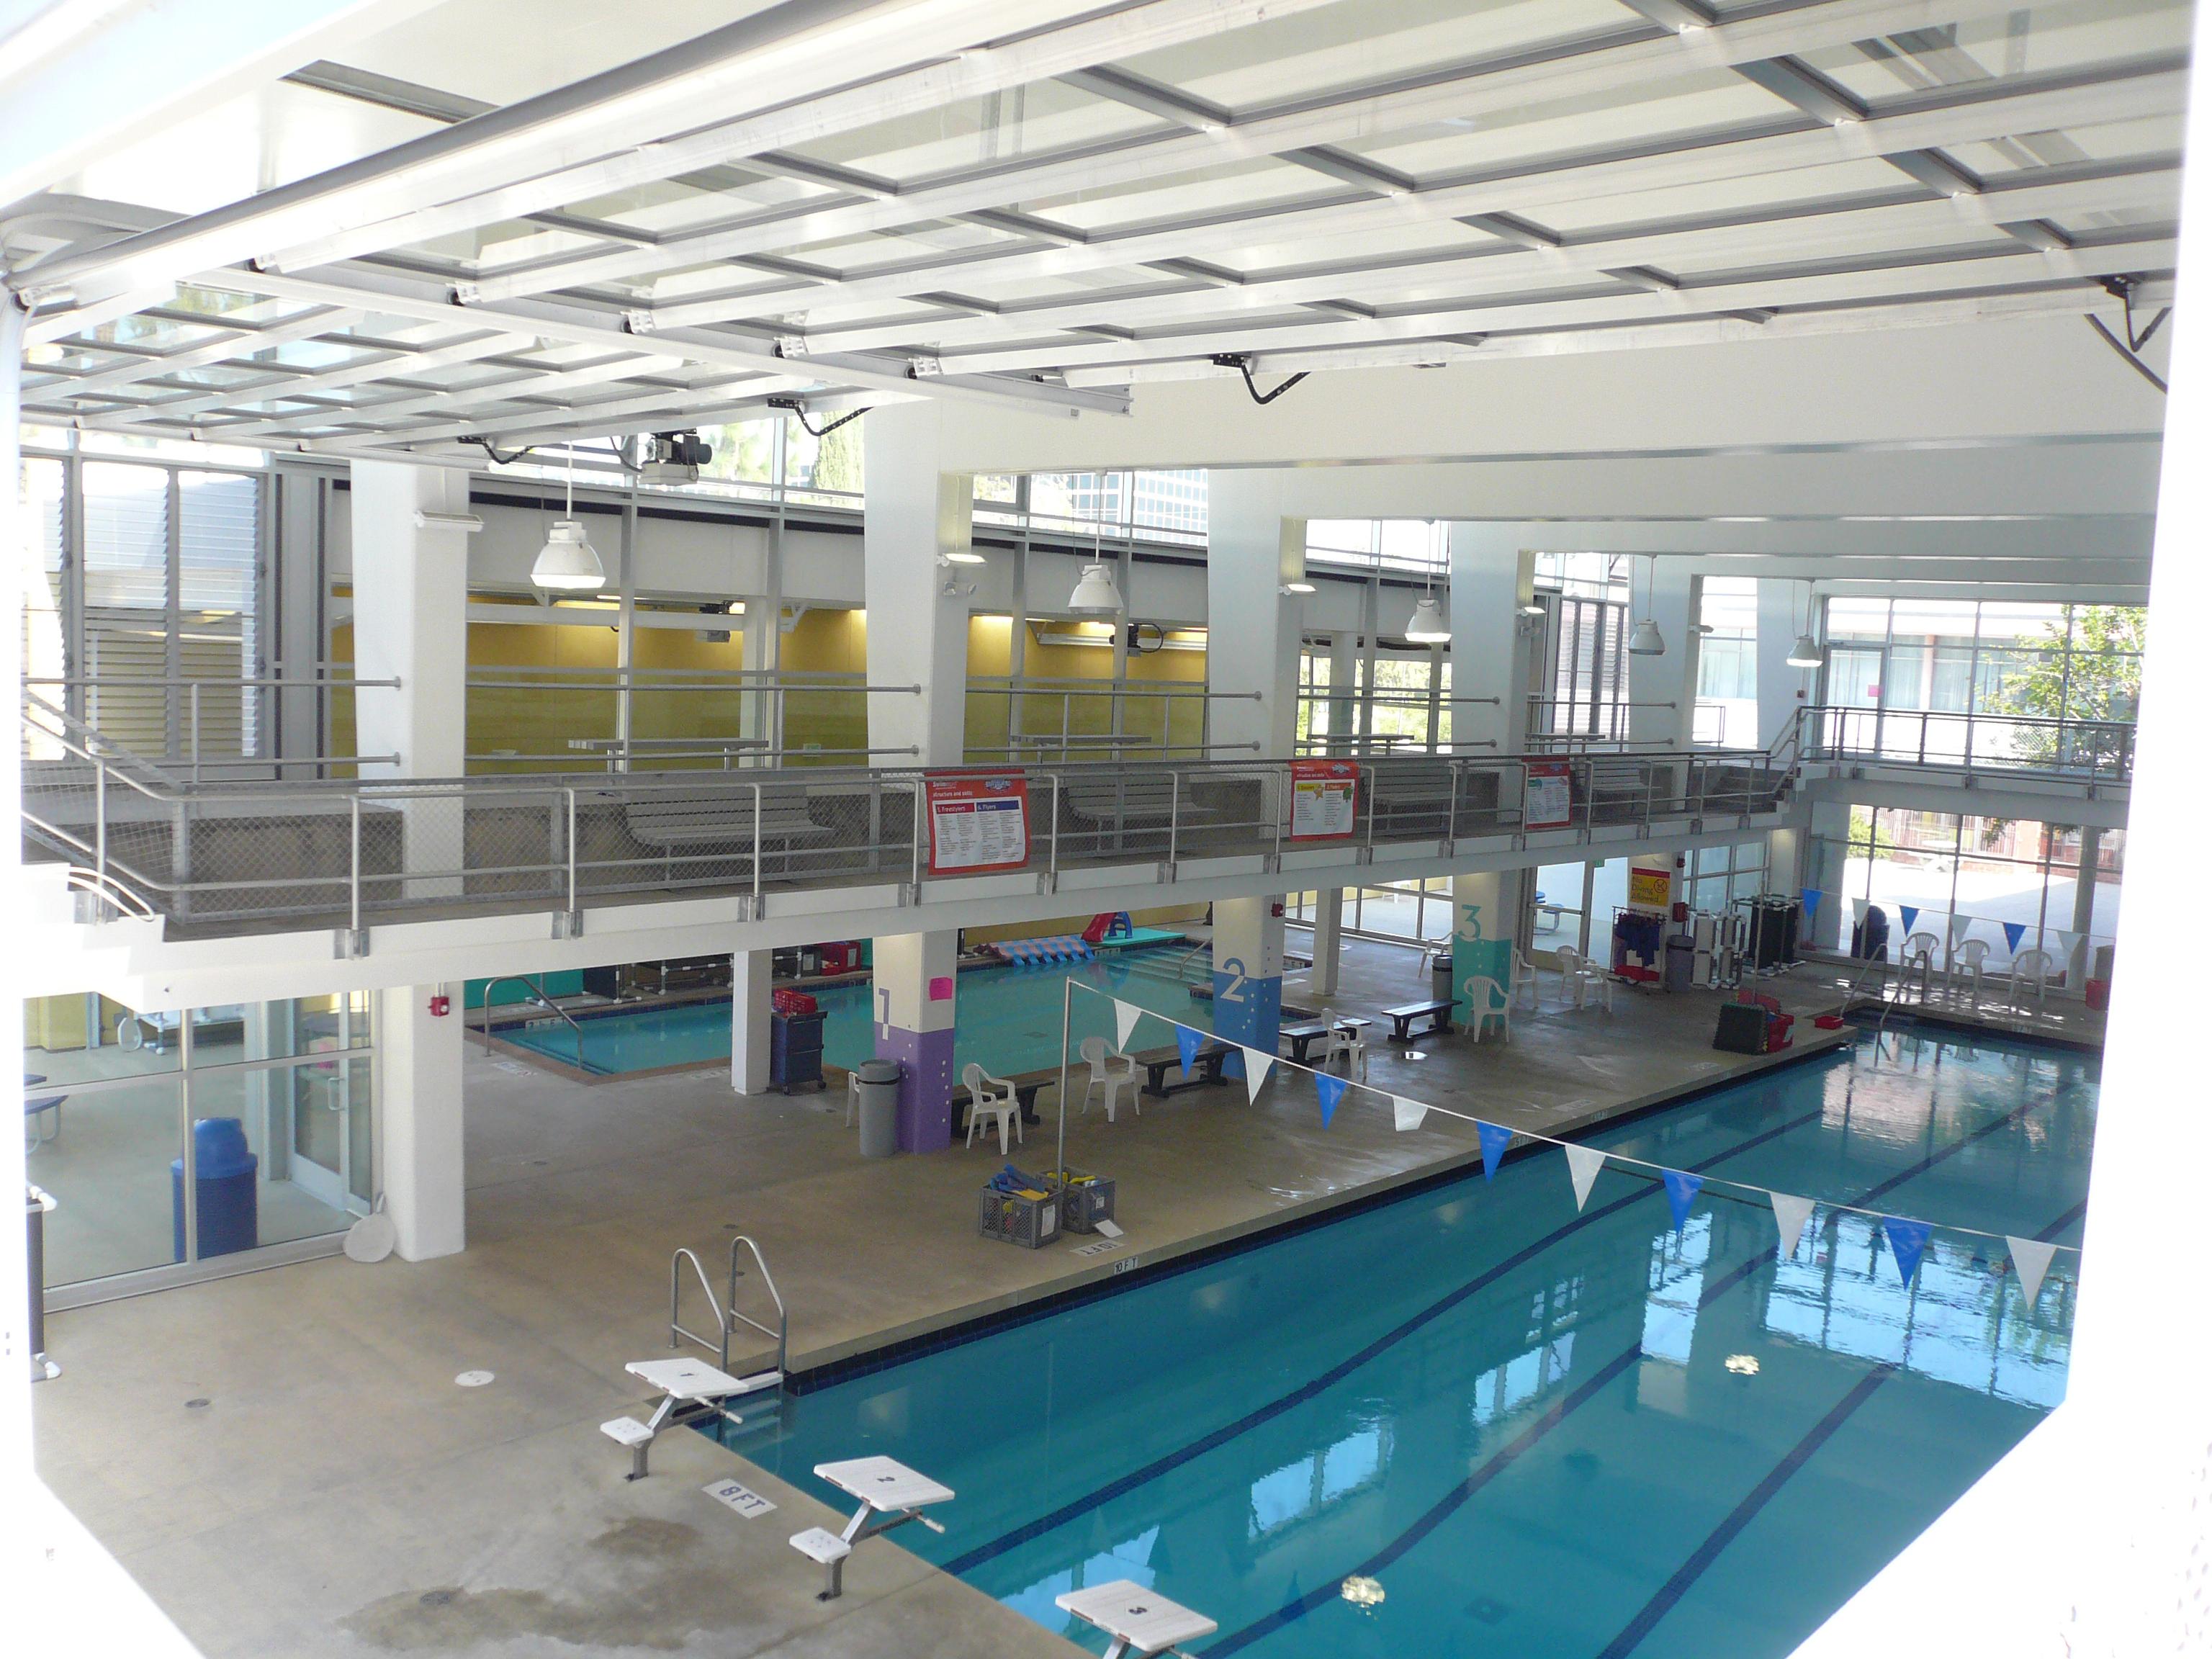 Swimming pool at jcc westside - Salt water swimming pools los angeles ...